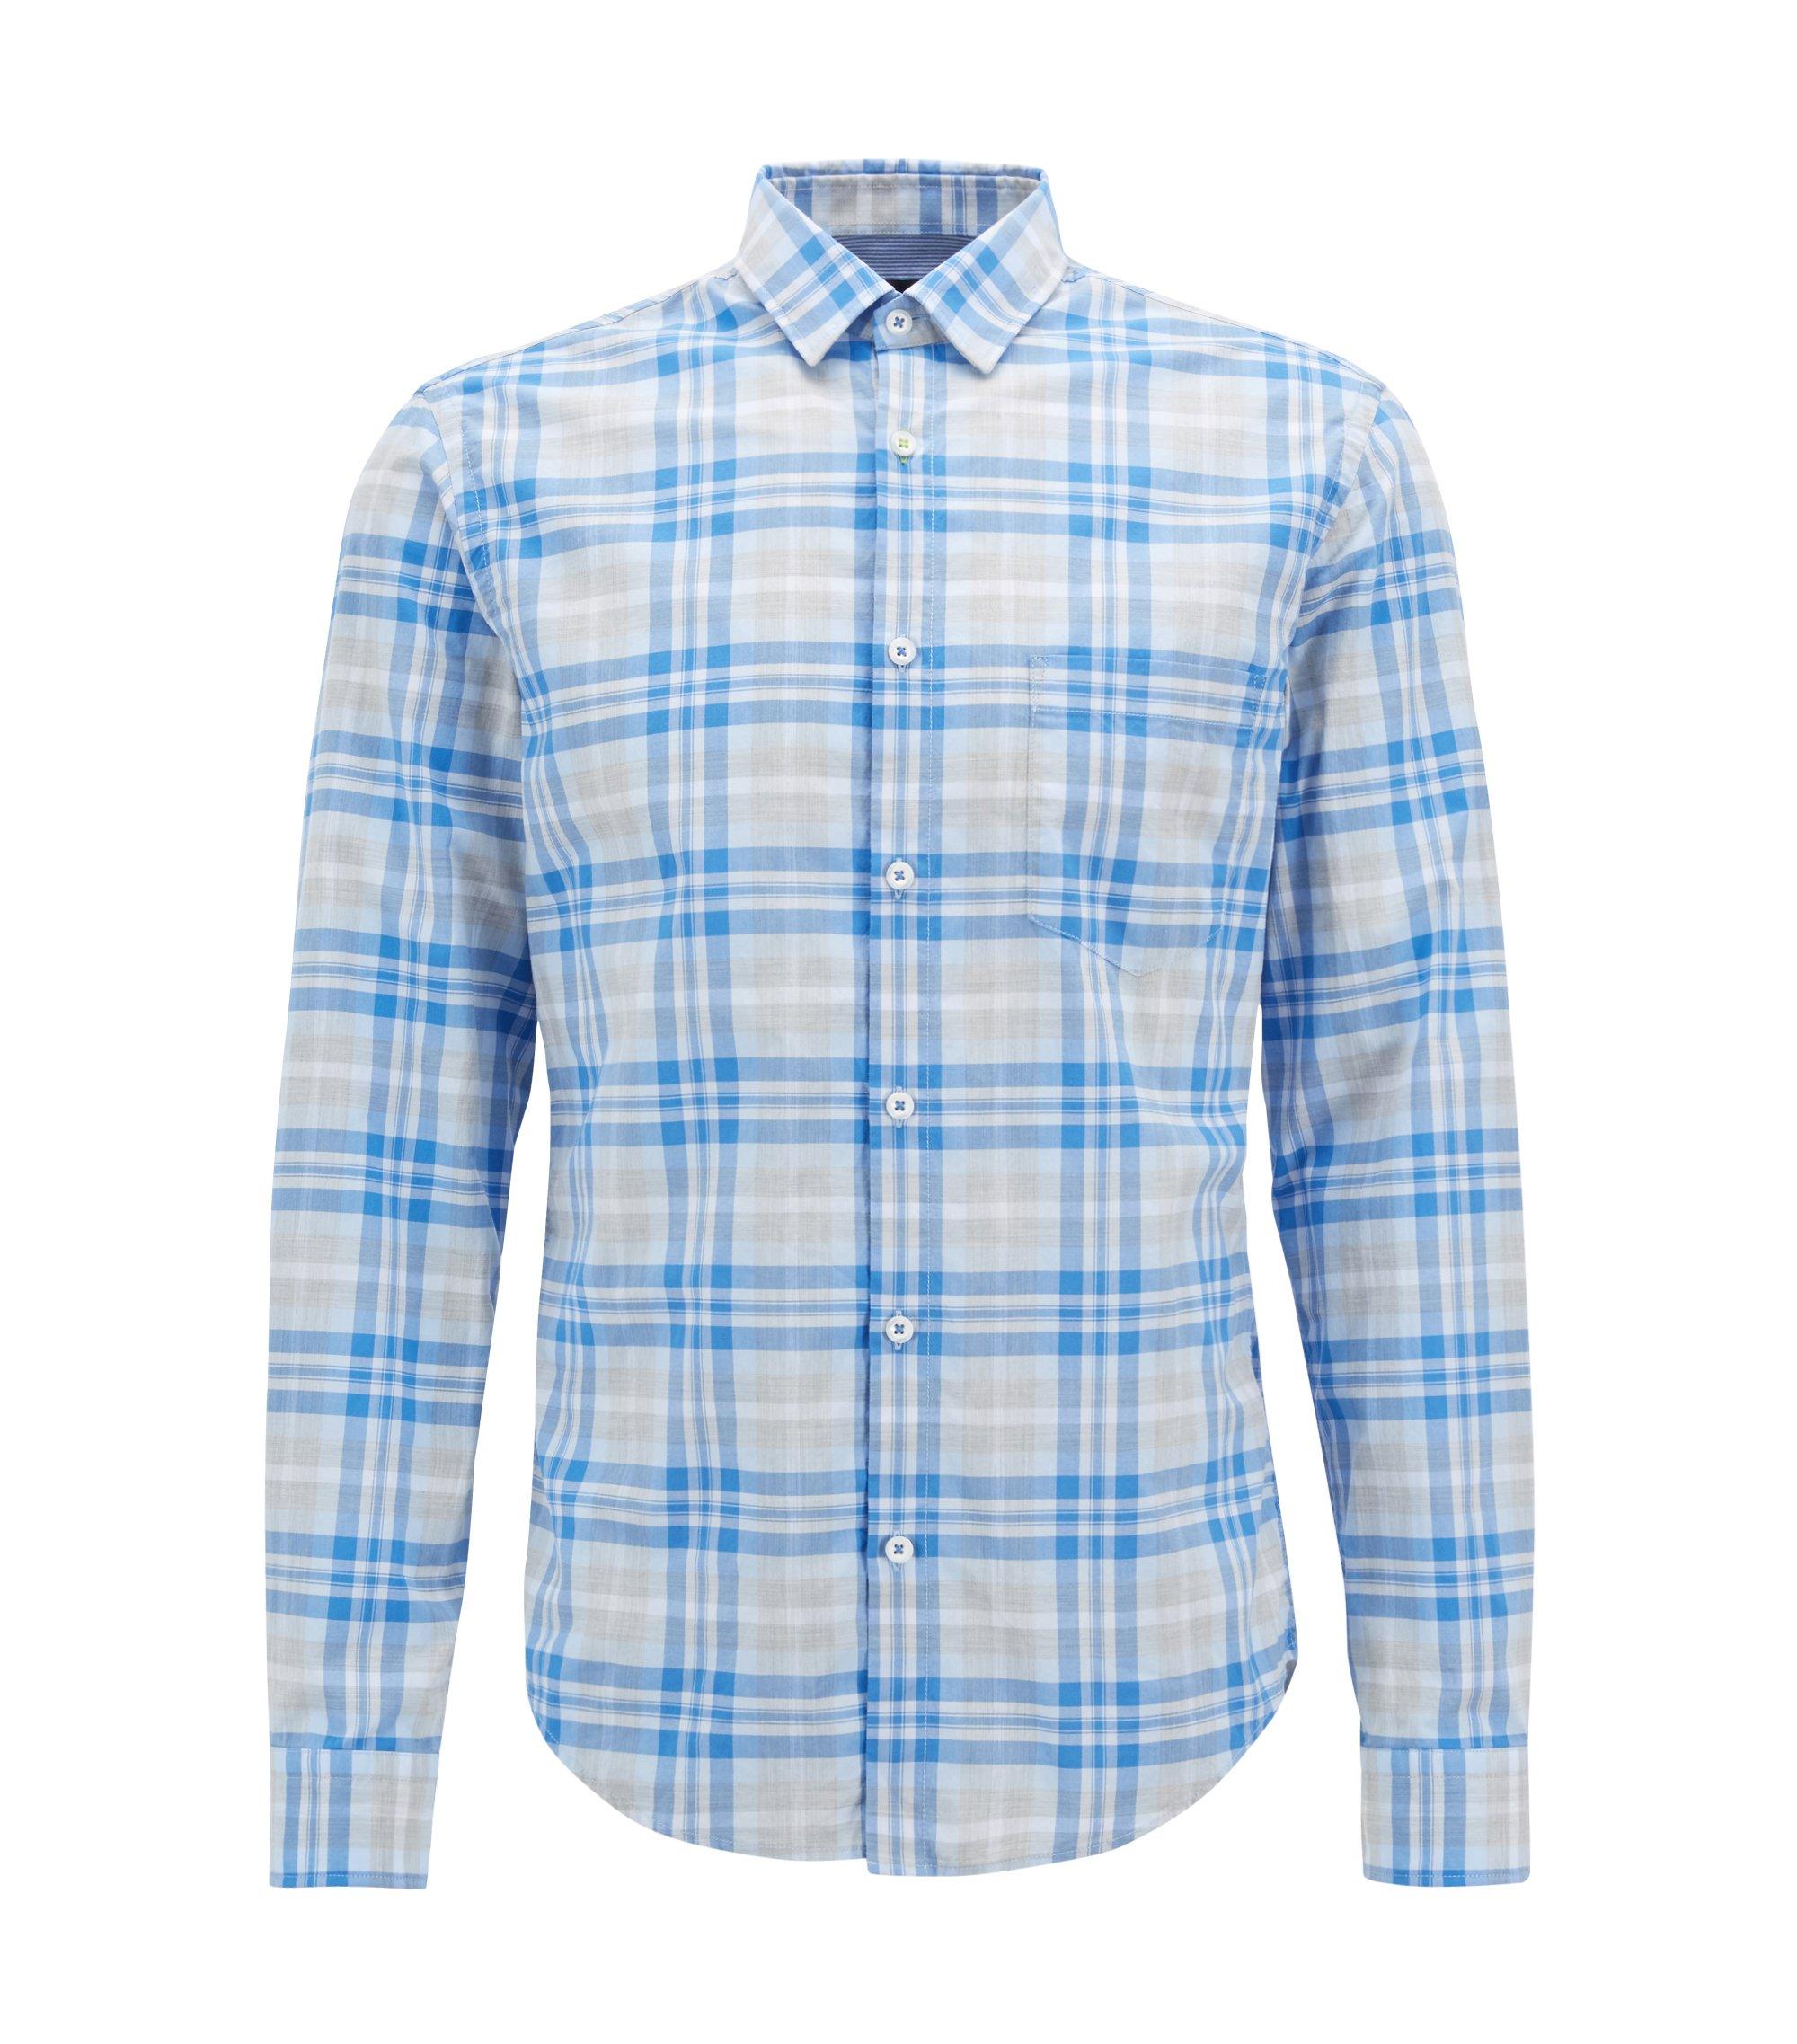 Camicia a quadri in popeline di cotone mélange con sistema di gestione dell'umidità, Blu